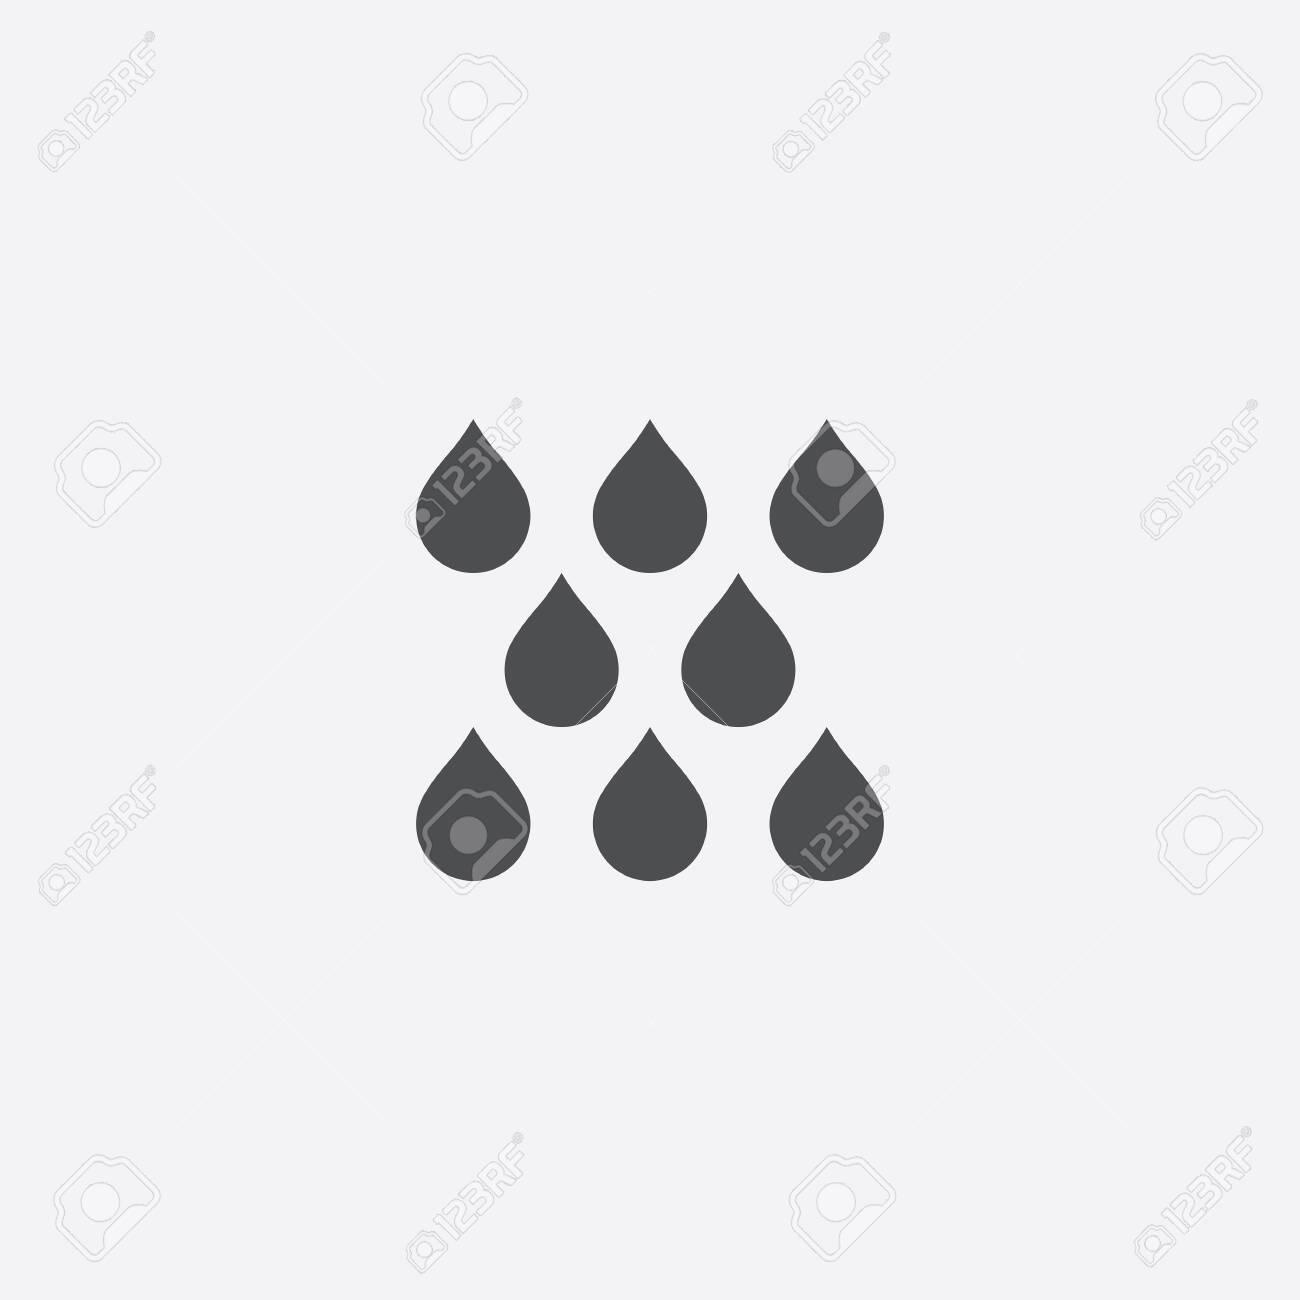 rain icon - 143431875